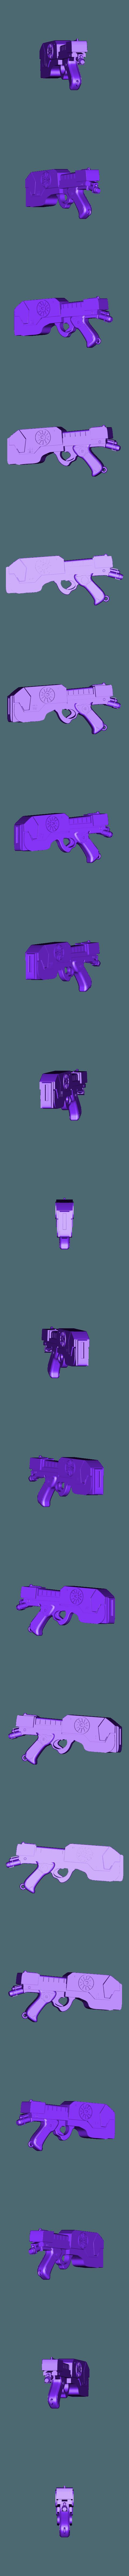 Pistola Elemental.stl Télécharger fichier STL gratuit Element Gun Gun Star-Lord • Design imprimable en 3D, 3Dimpact